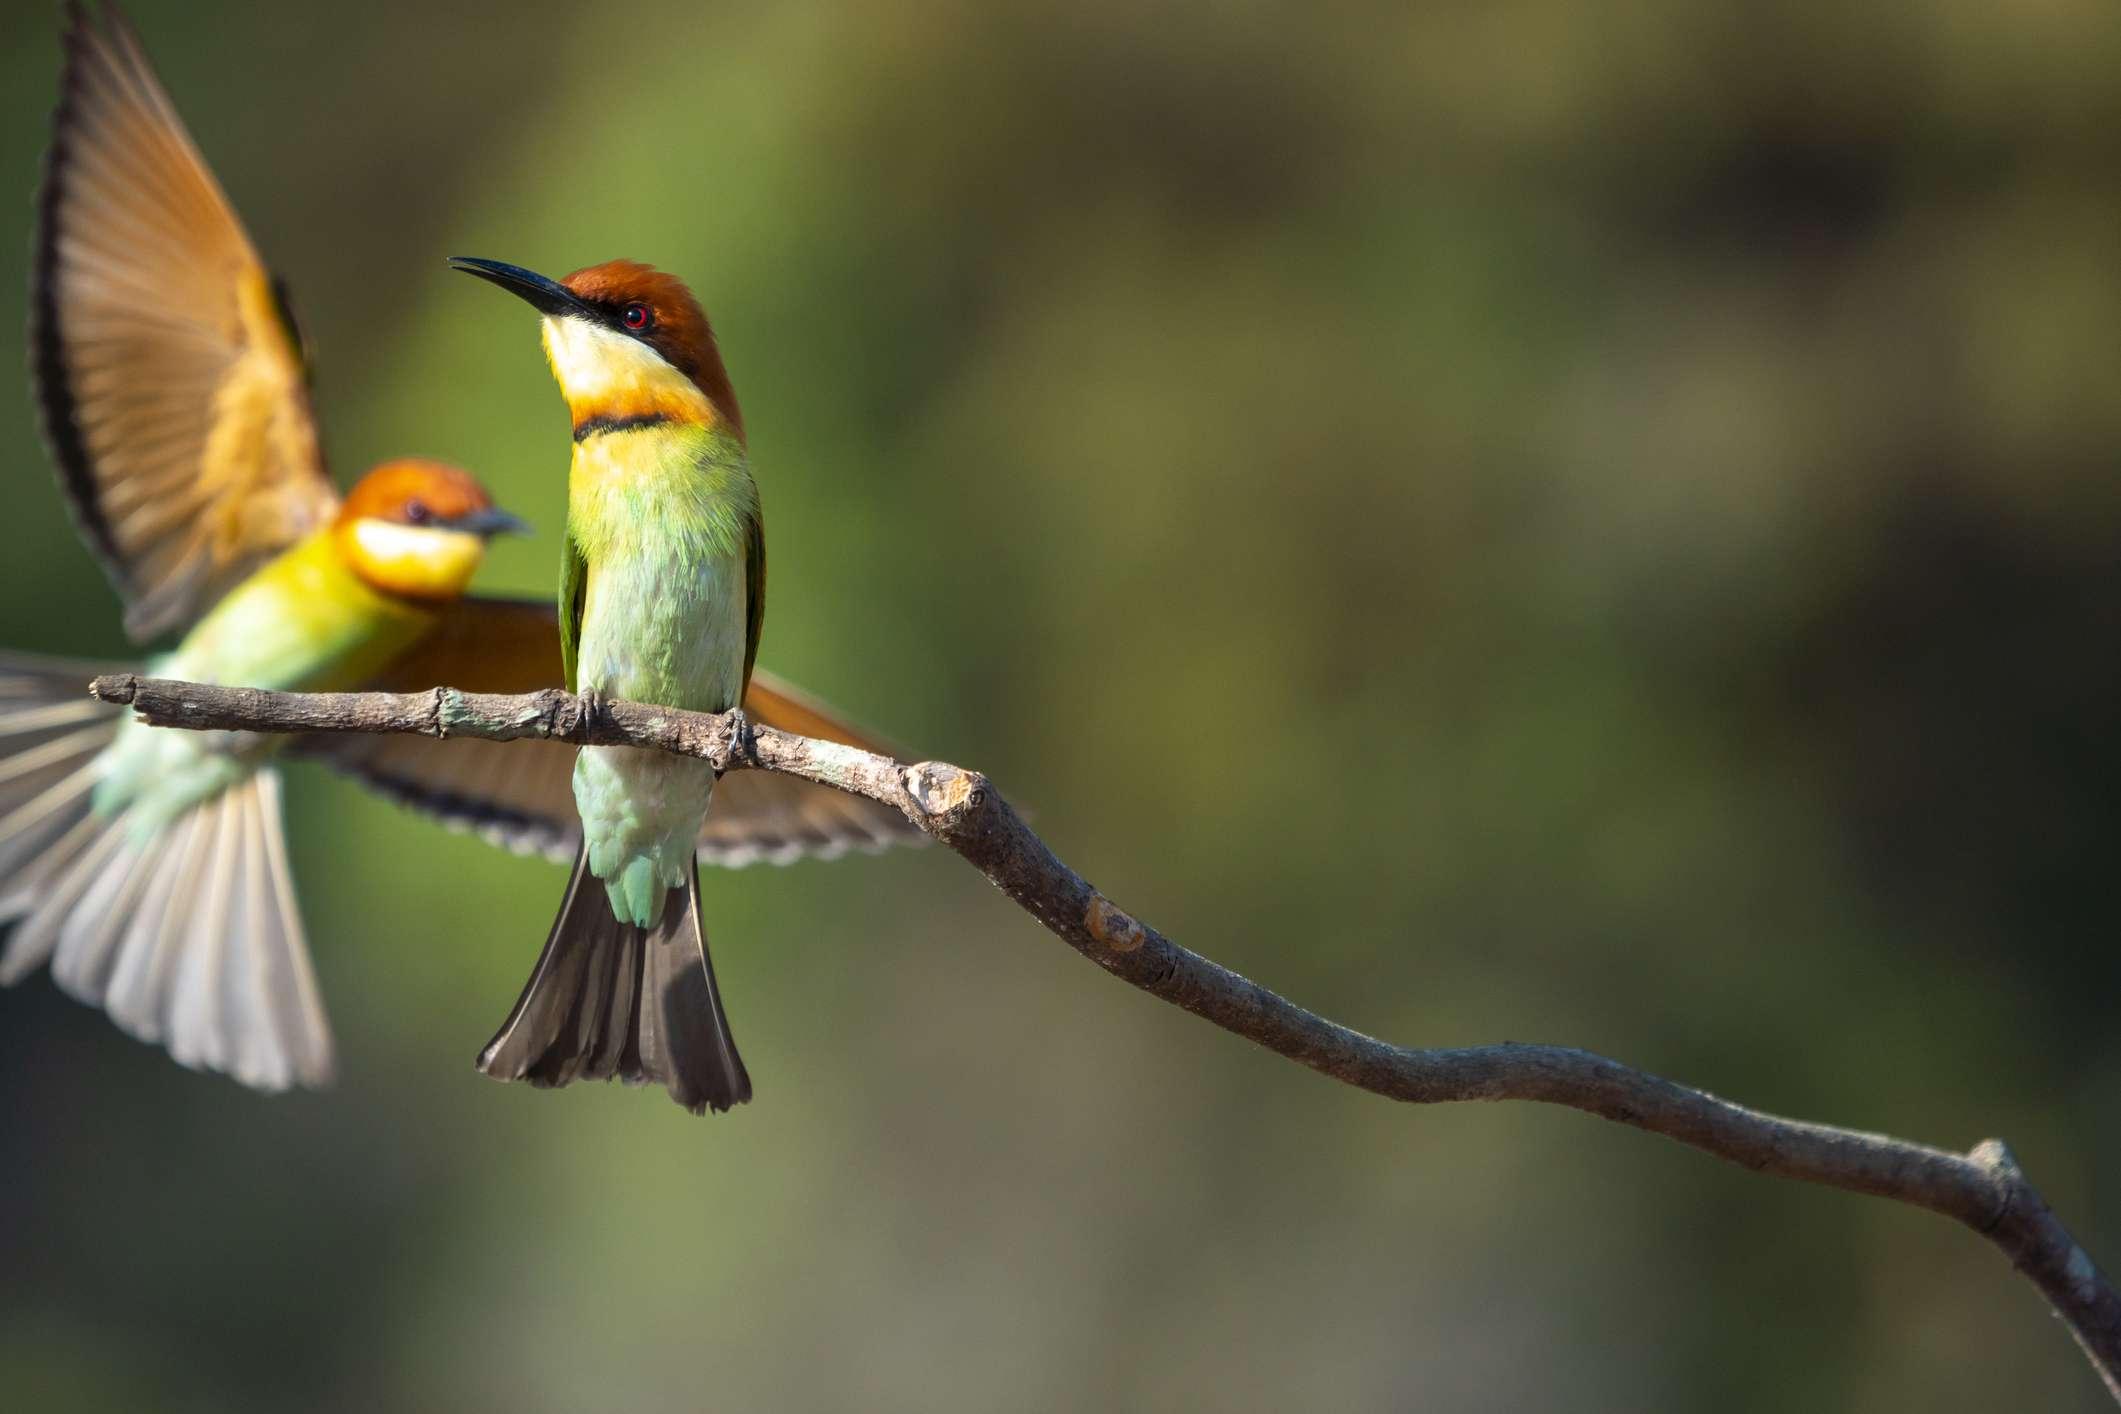 pequeños pájaros coloridos abejarucos sentados en una rama